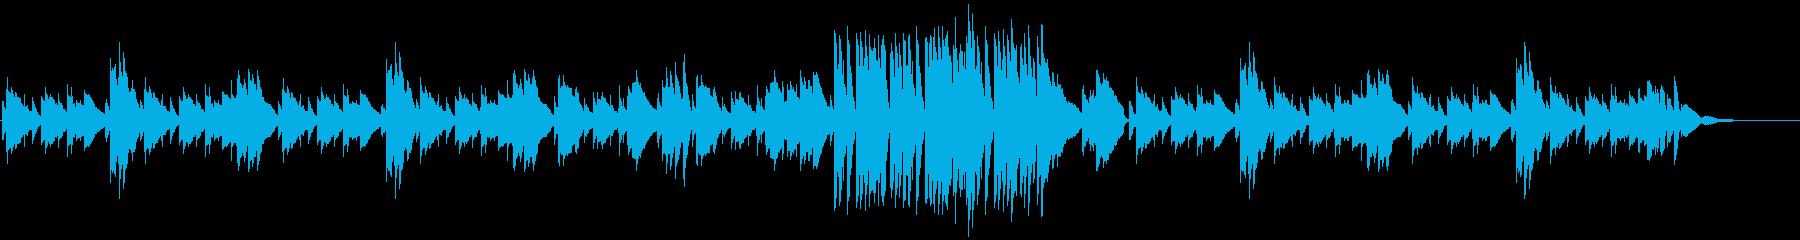 落ち着いた雰囲気のピアノ小曲の再生済みの波形